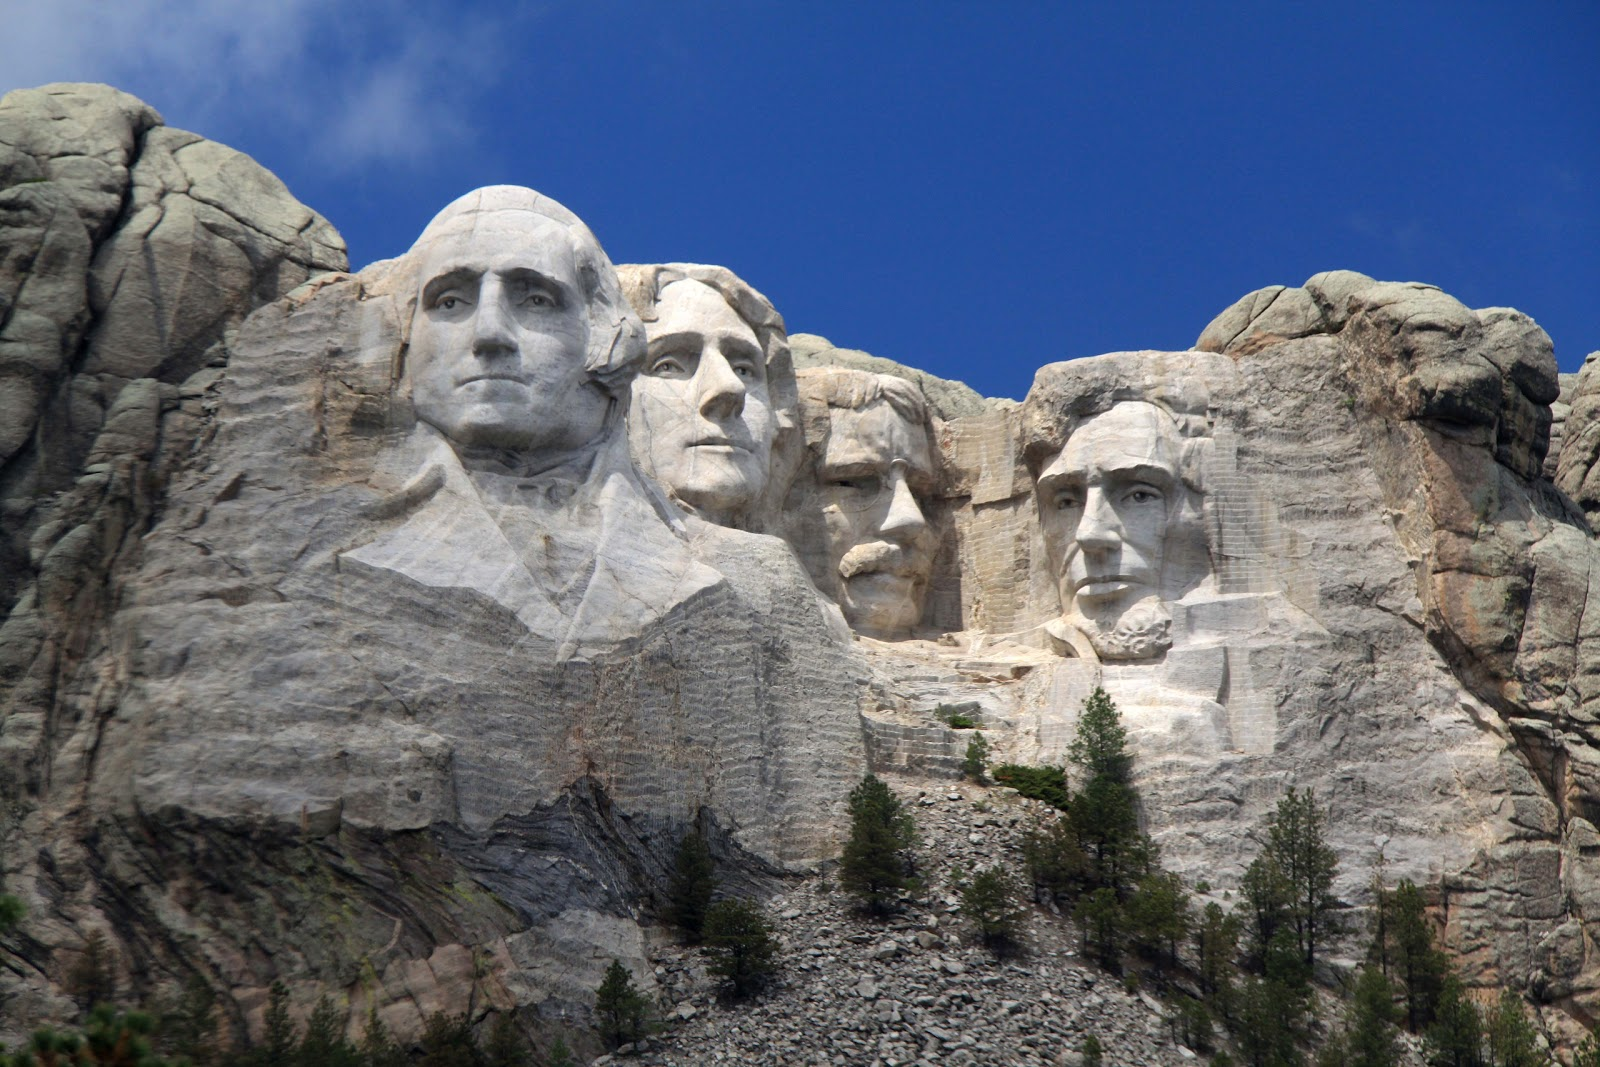 Complètement à l'ouest... pour 6 mois!: Le Mont Rushmore Rushmore